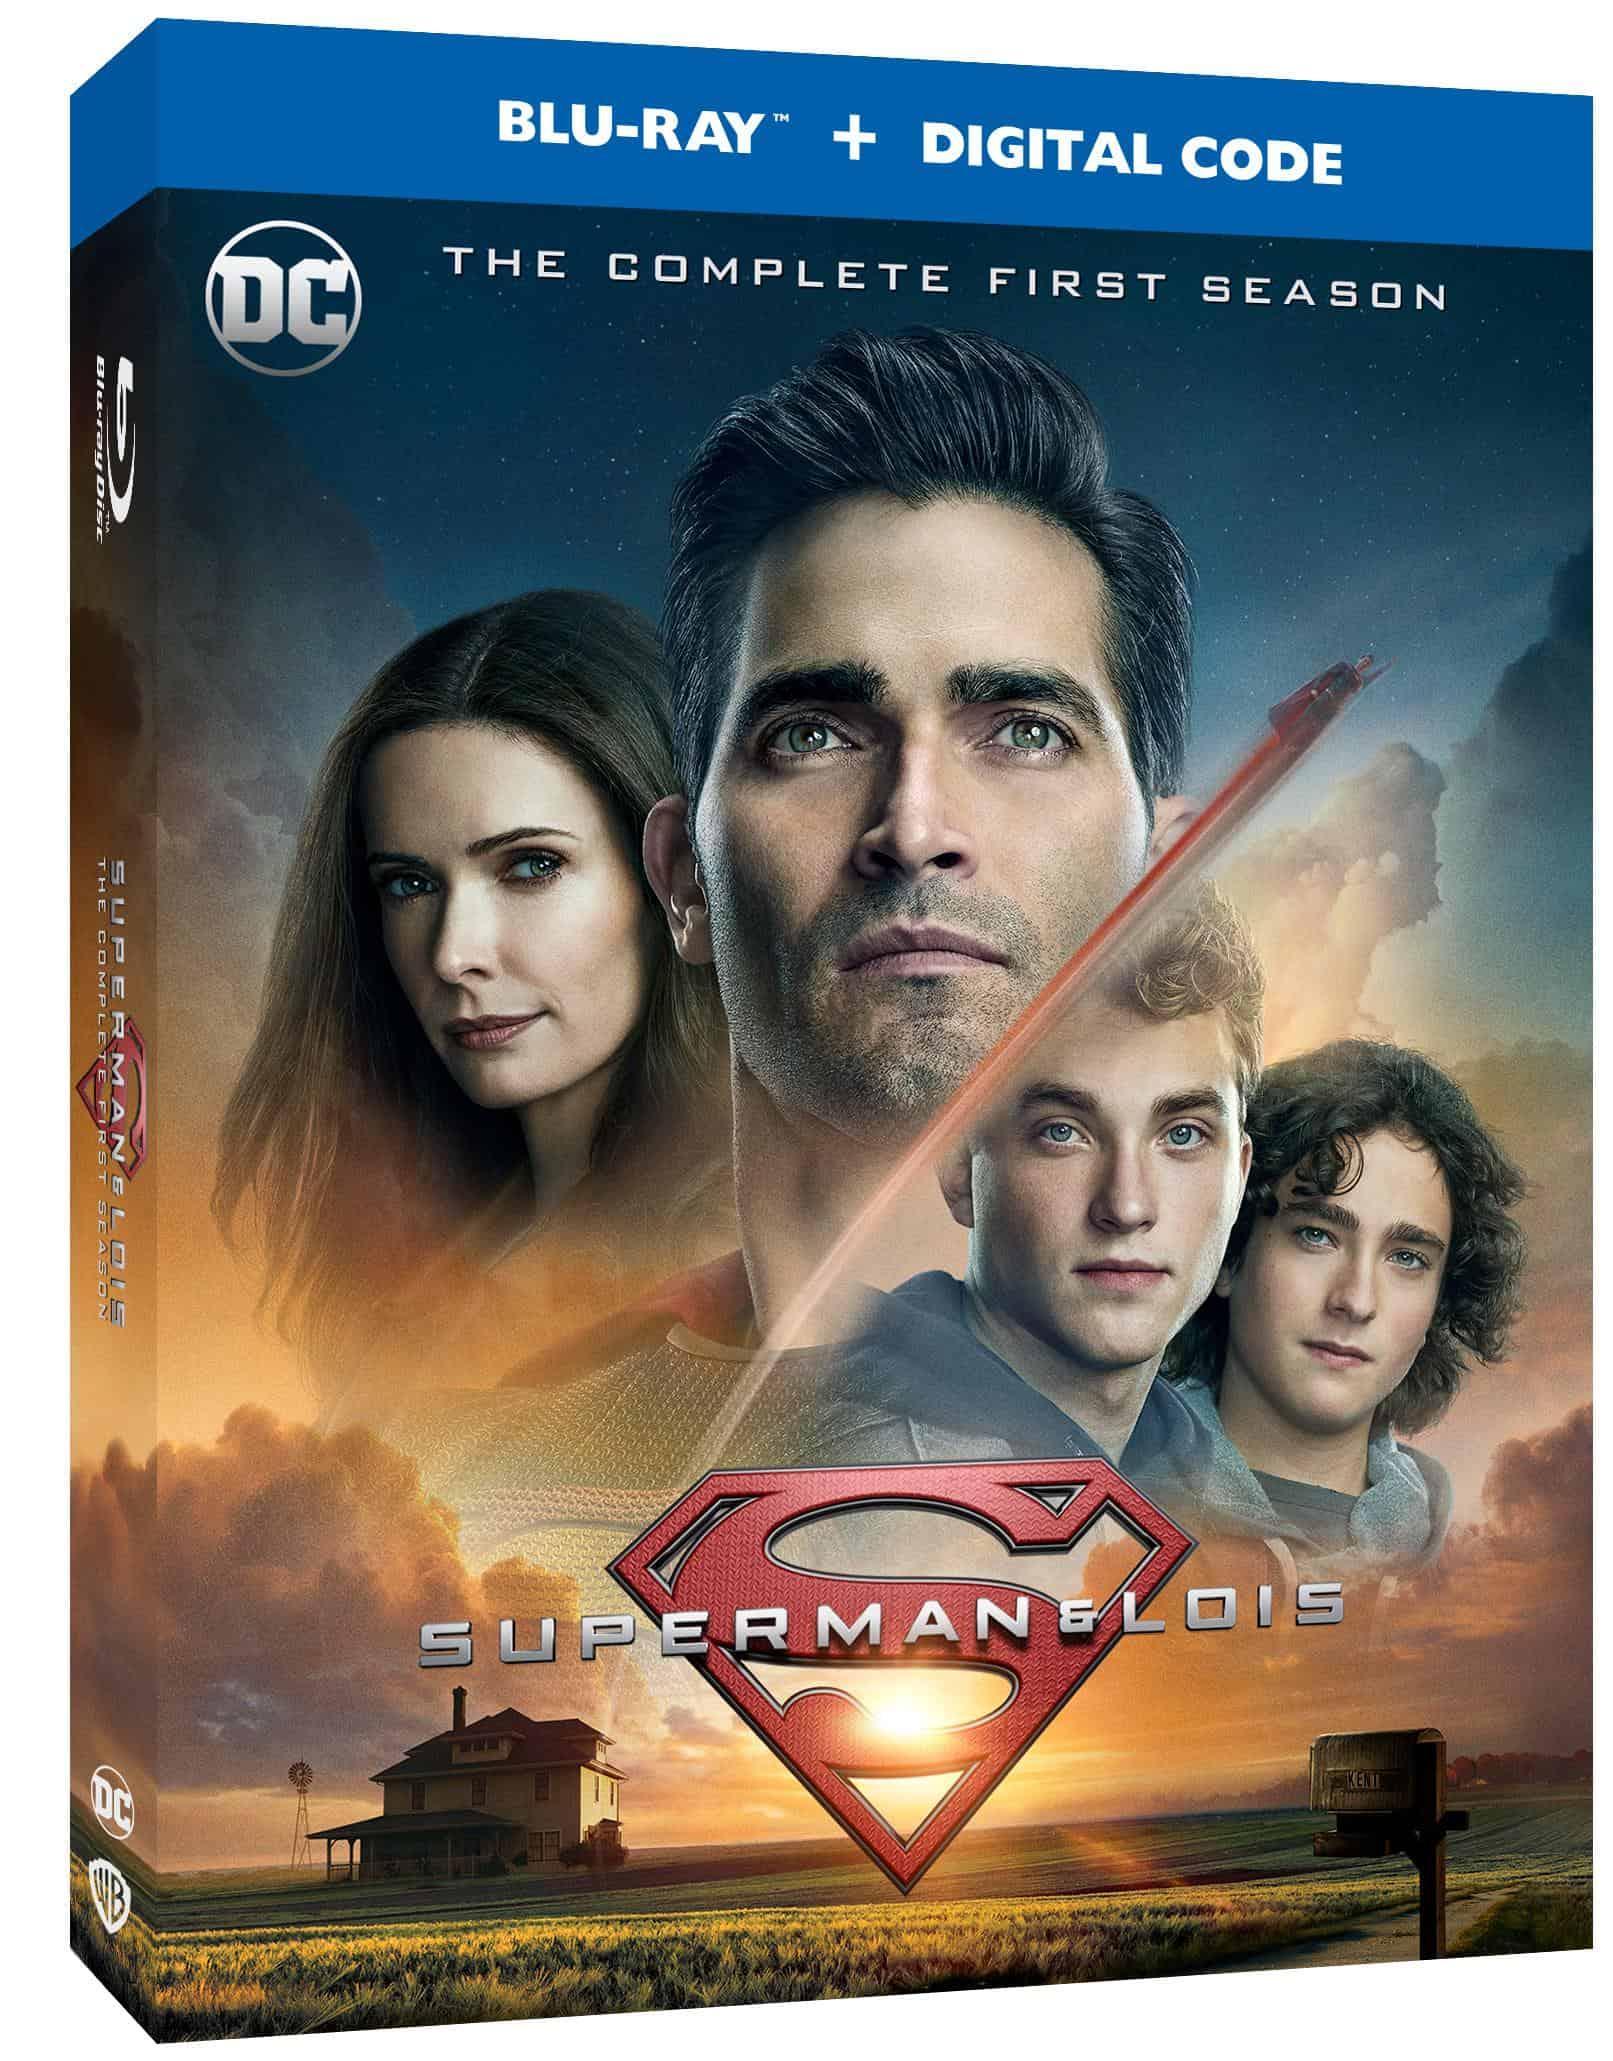 Superman Lois S1 BD